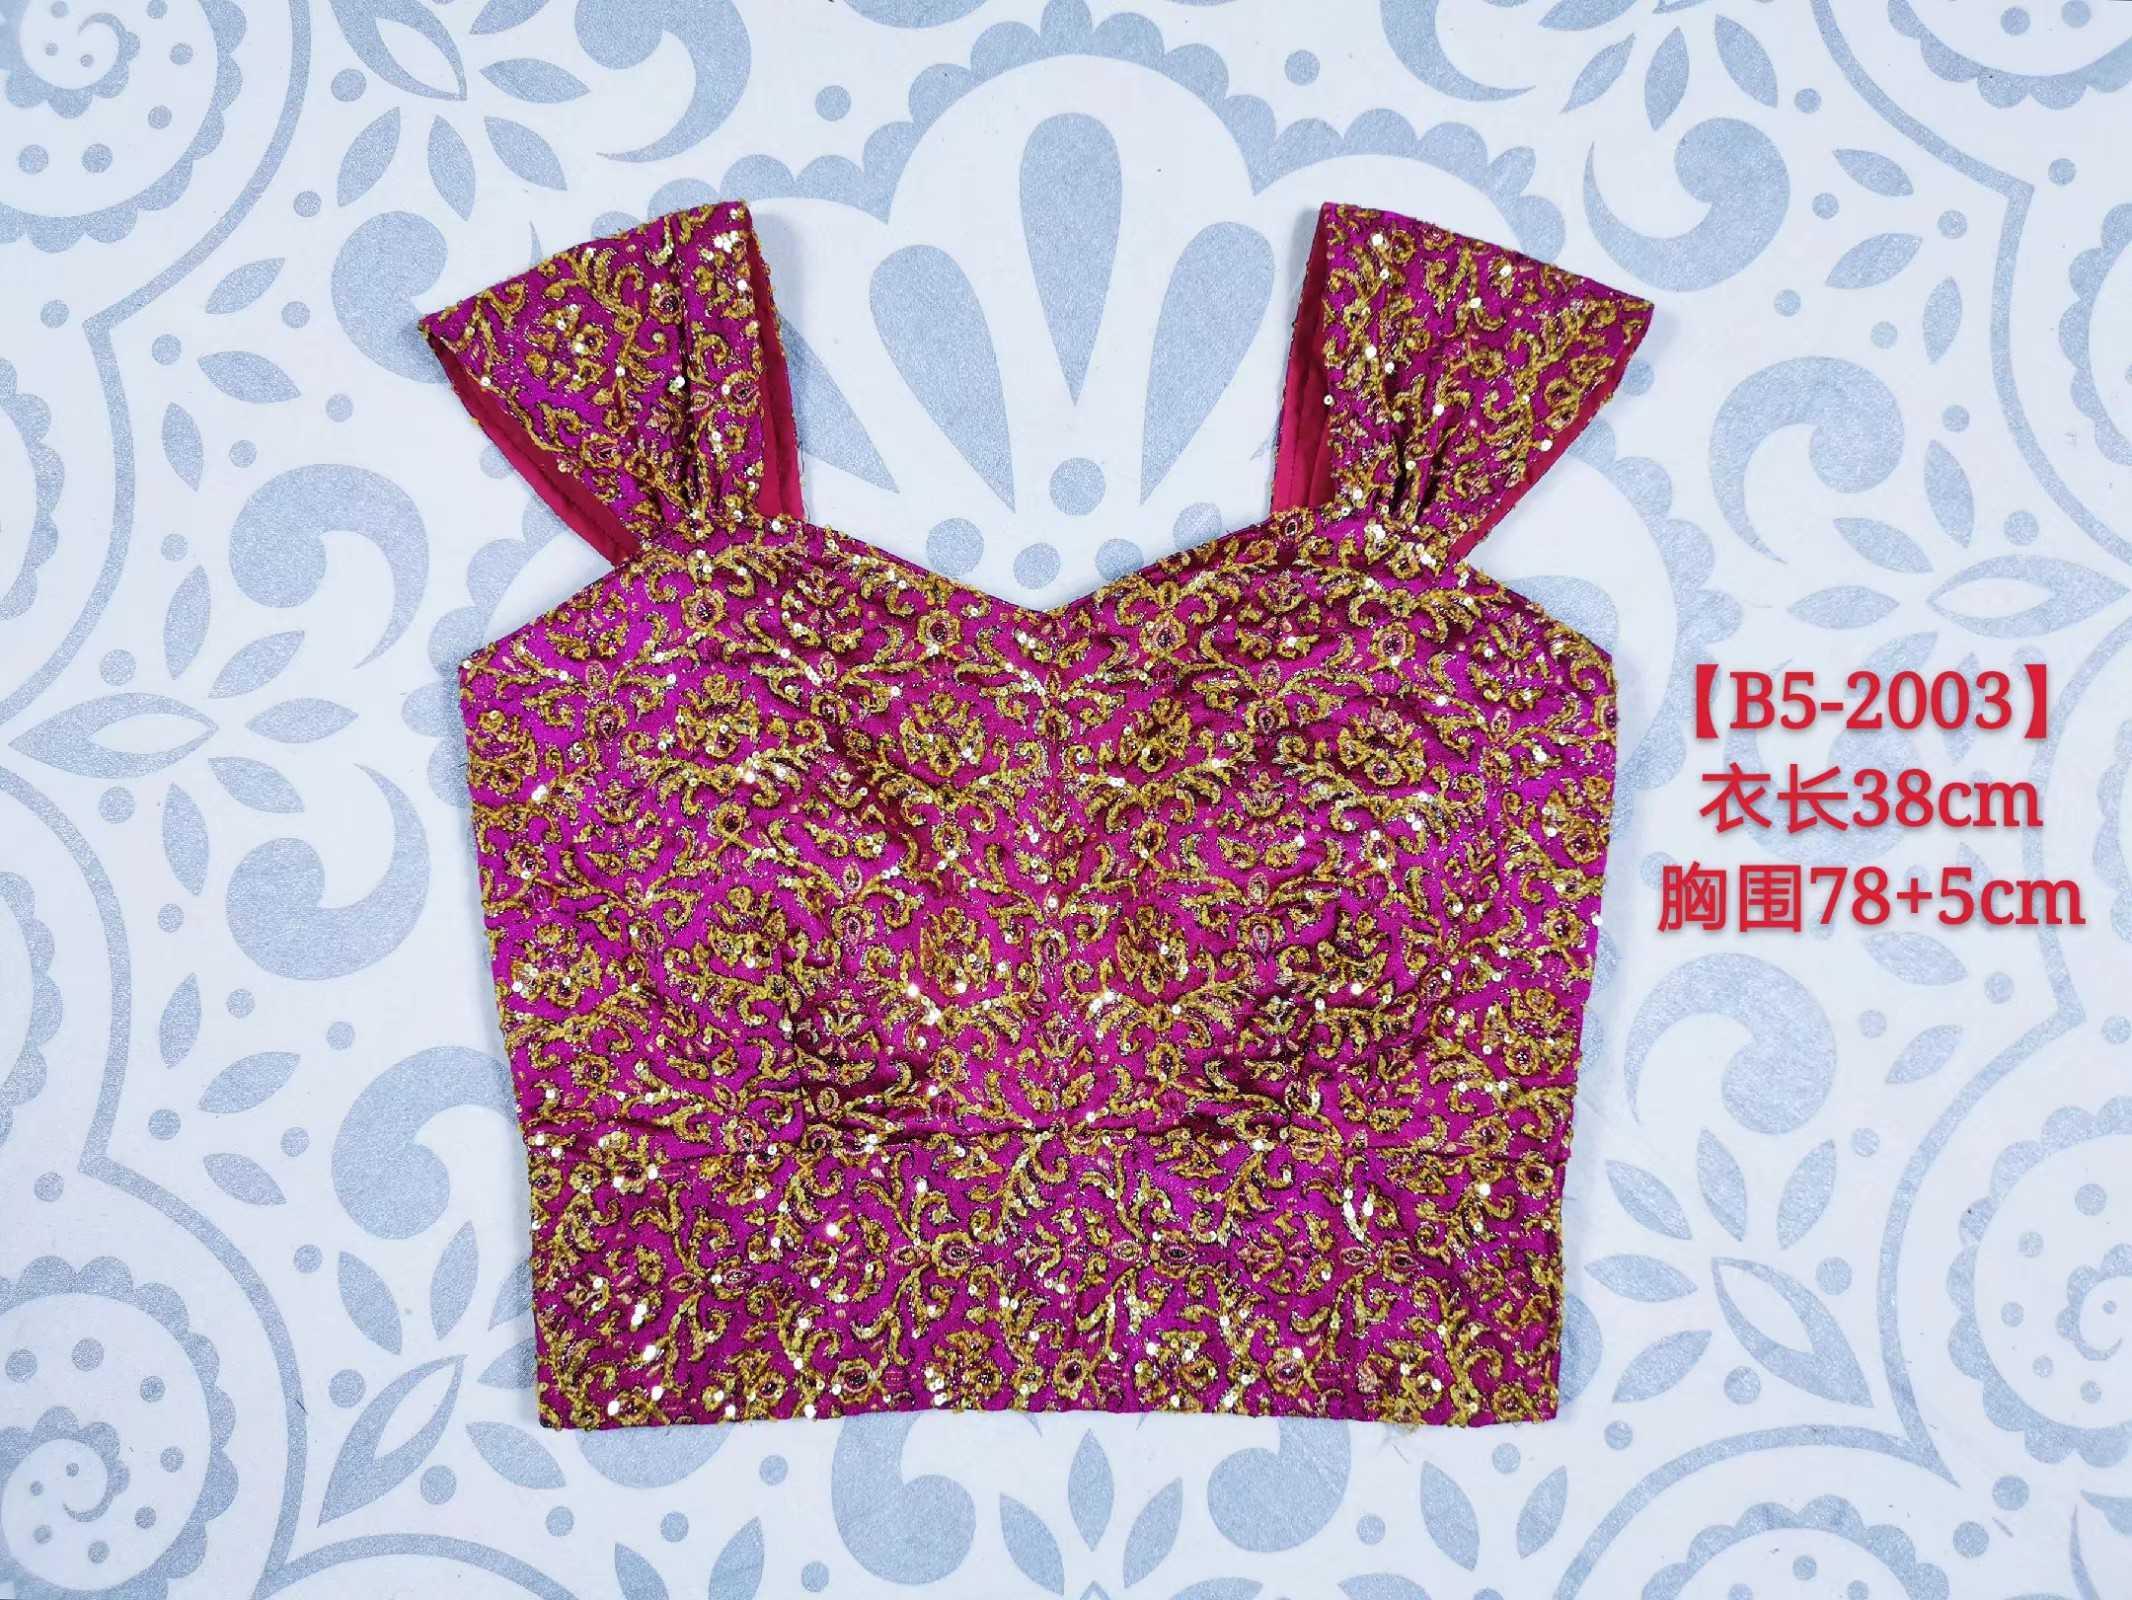 印度精选贵牌重工刺绣轻奢旅行女装摩洛哥土耳其异域修身上衣晚装